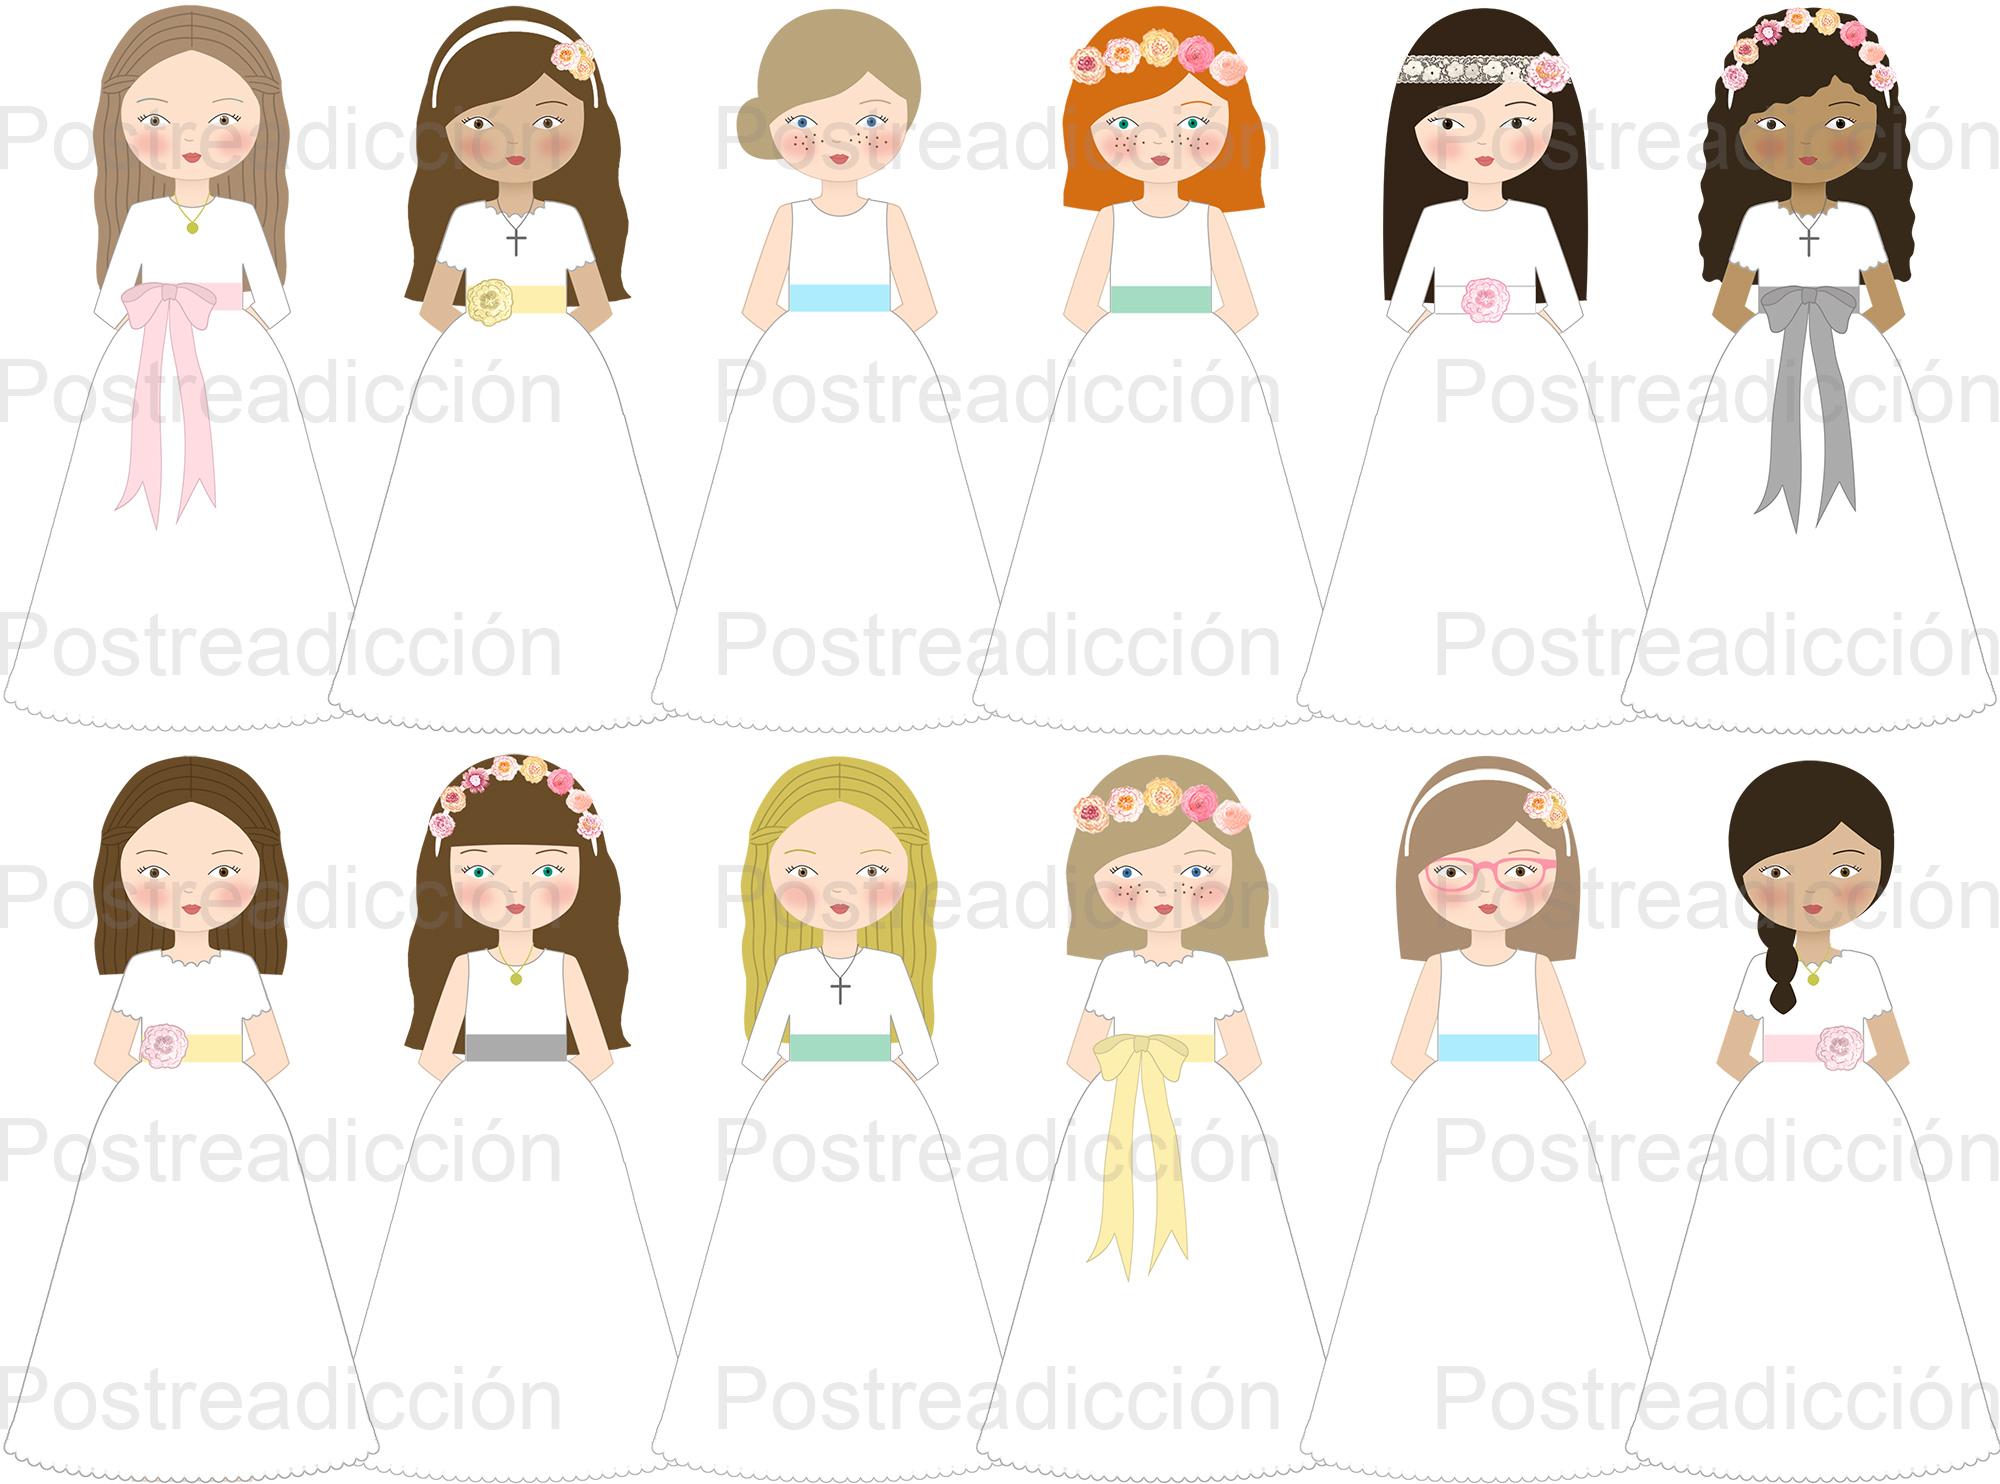 Imagen de producto: https://tienda.postreadiccion.com/img/articulos/secundarias11687-6-brochetas-para-chuches-primera-comunion-carlota-no-incluye-las-chuches-1.jpg